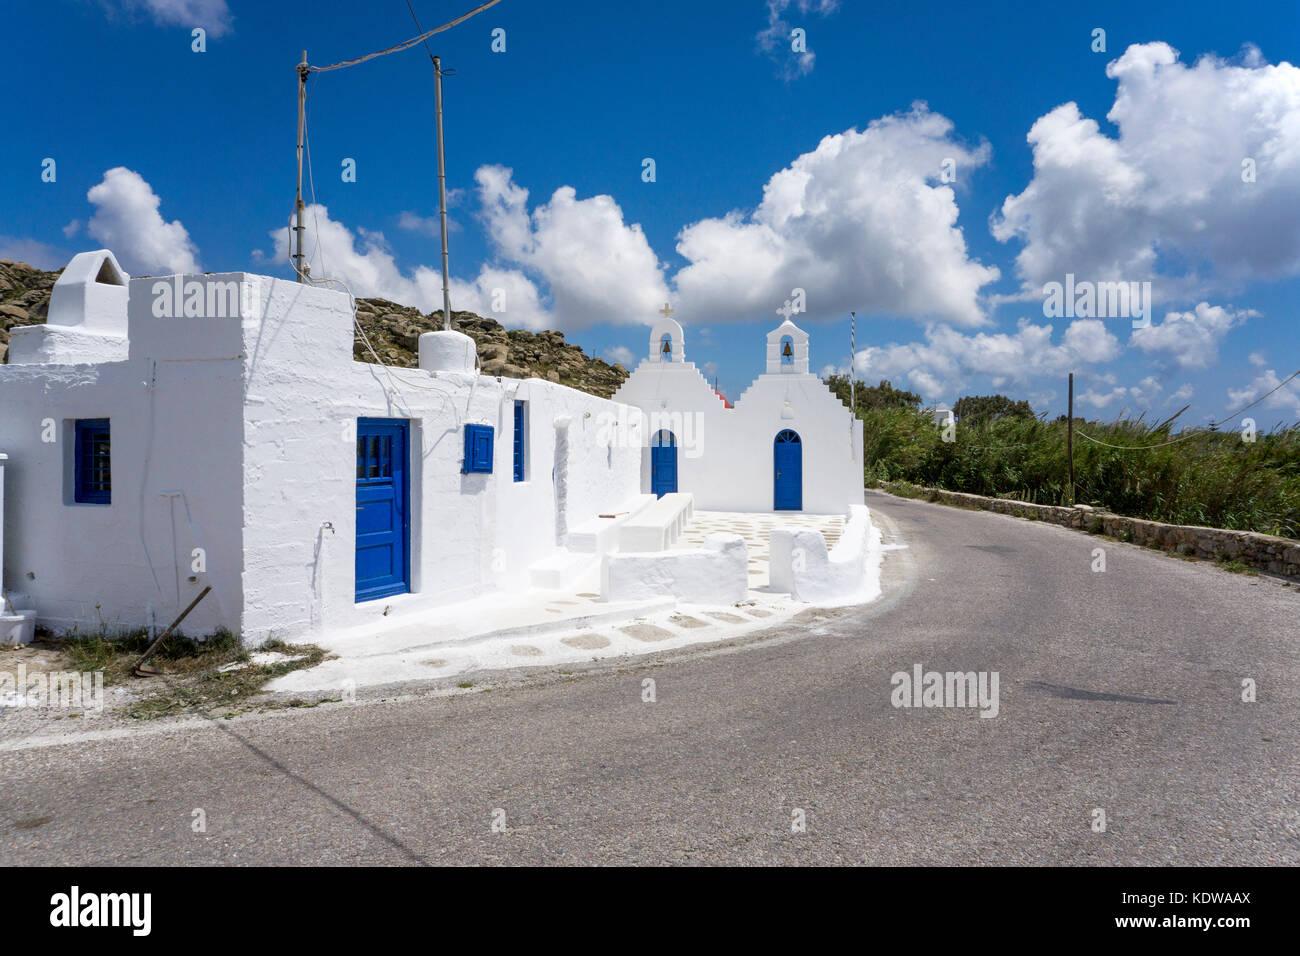 Kleine orthodoxe Kapelle an der Strasse, Inselmitte von Mykonos, small orthodox chapel at the road, Mykonos - Stock Image